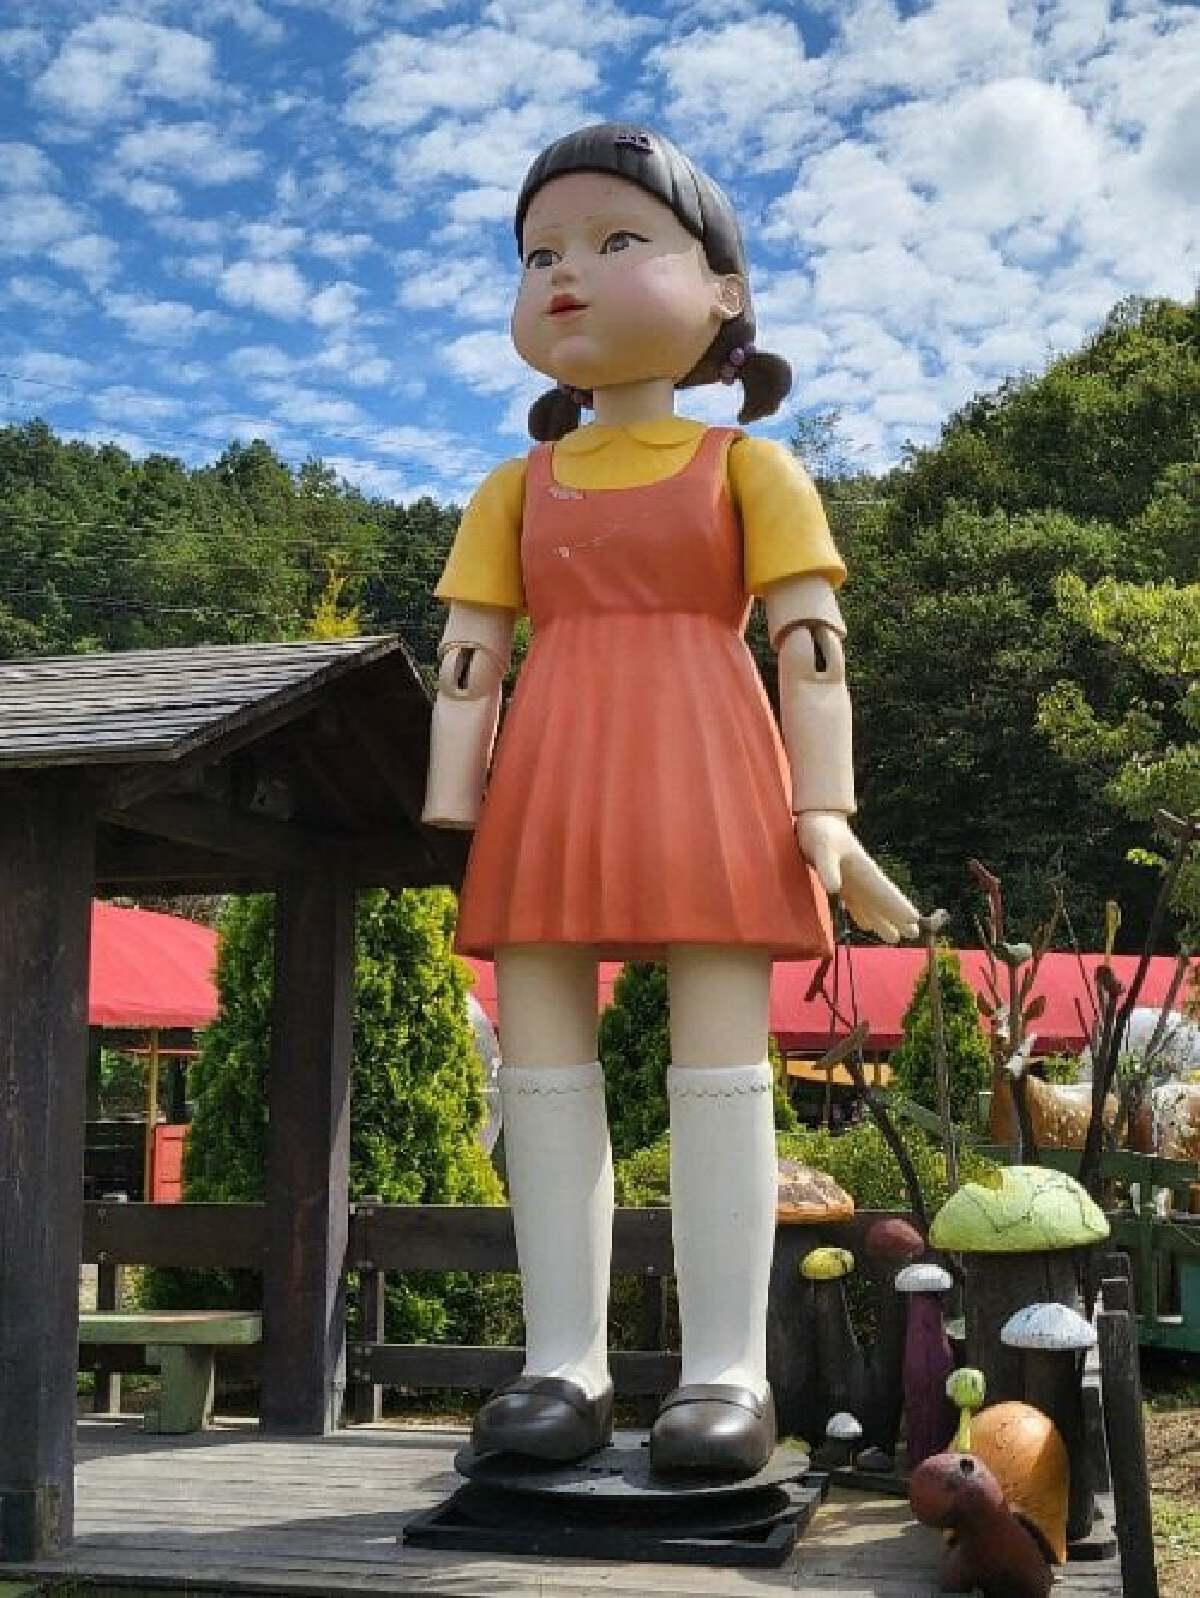 หุ่นตุ๊กตาเด็กผู้หญิง ซีรี่ส์ Squid Game  ของจริง แขนหายไป